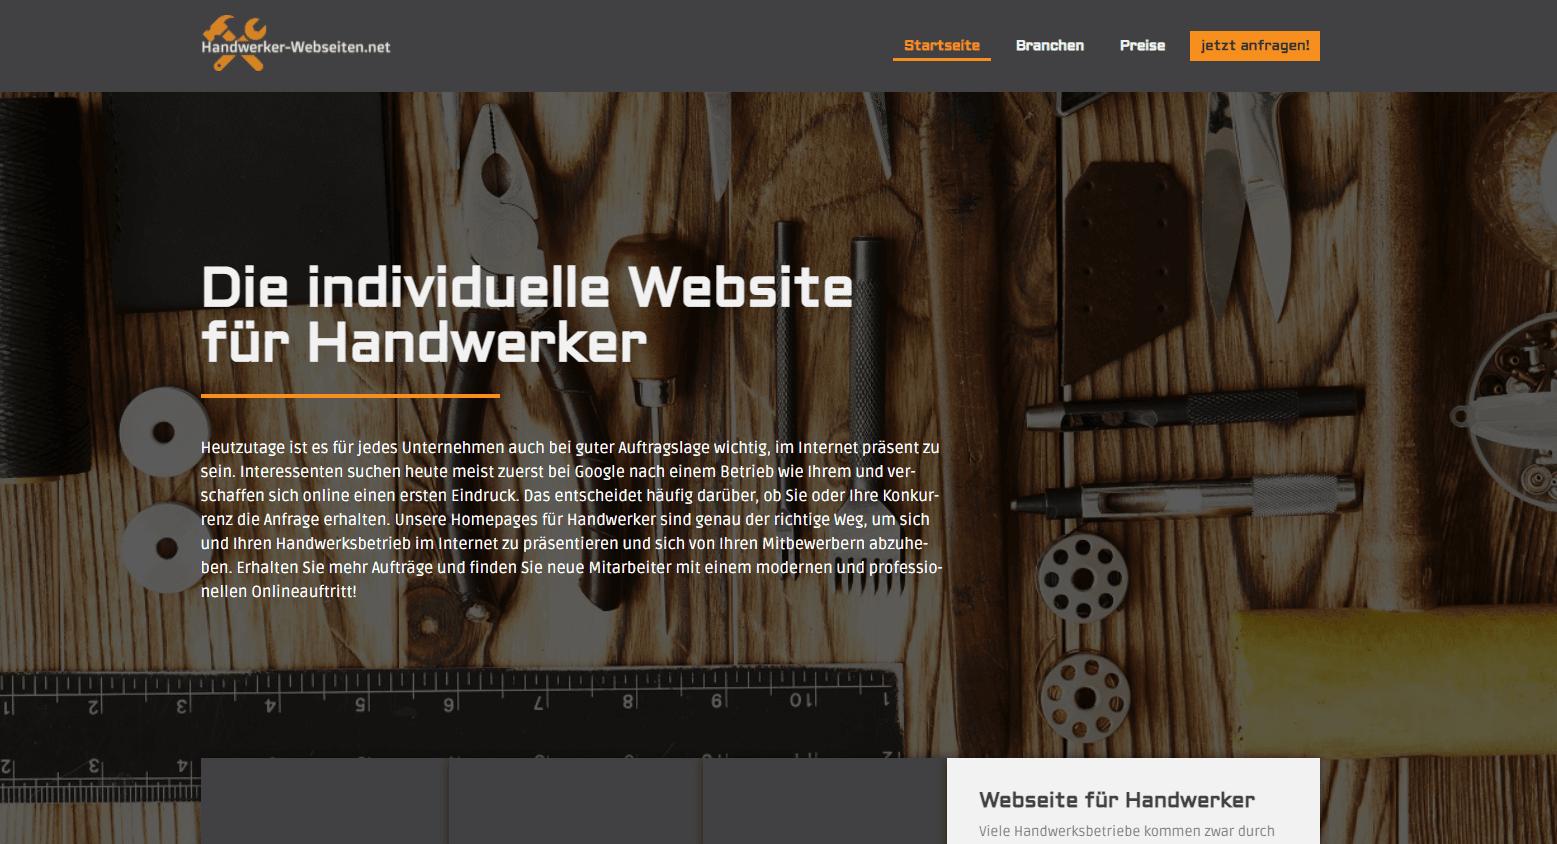 handwerker webseiten - homepage - website